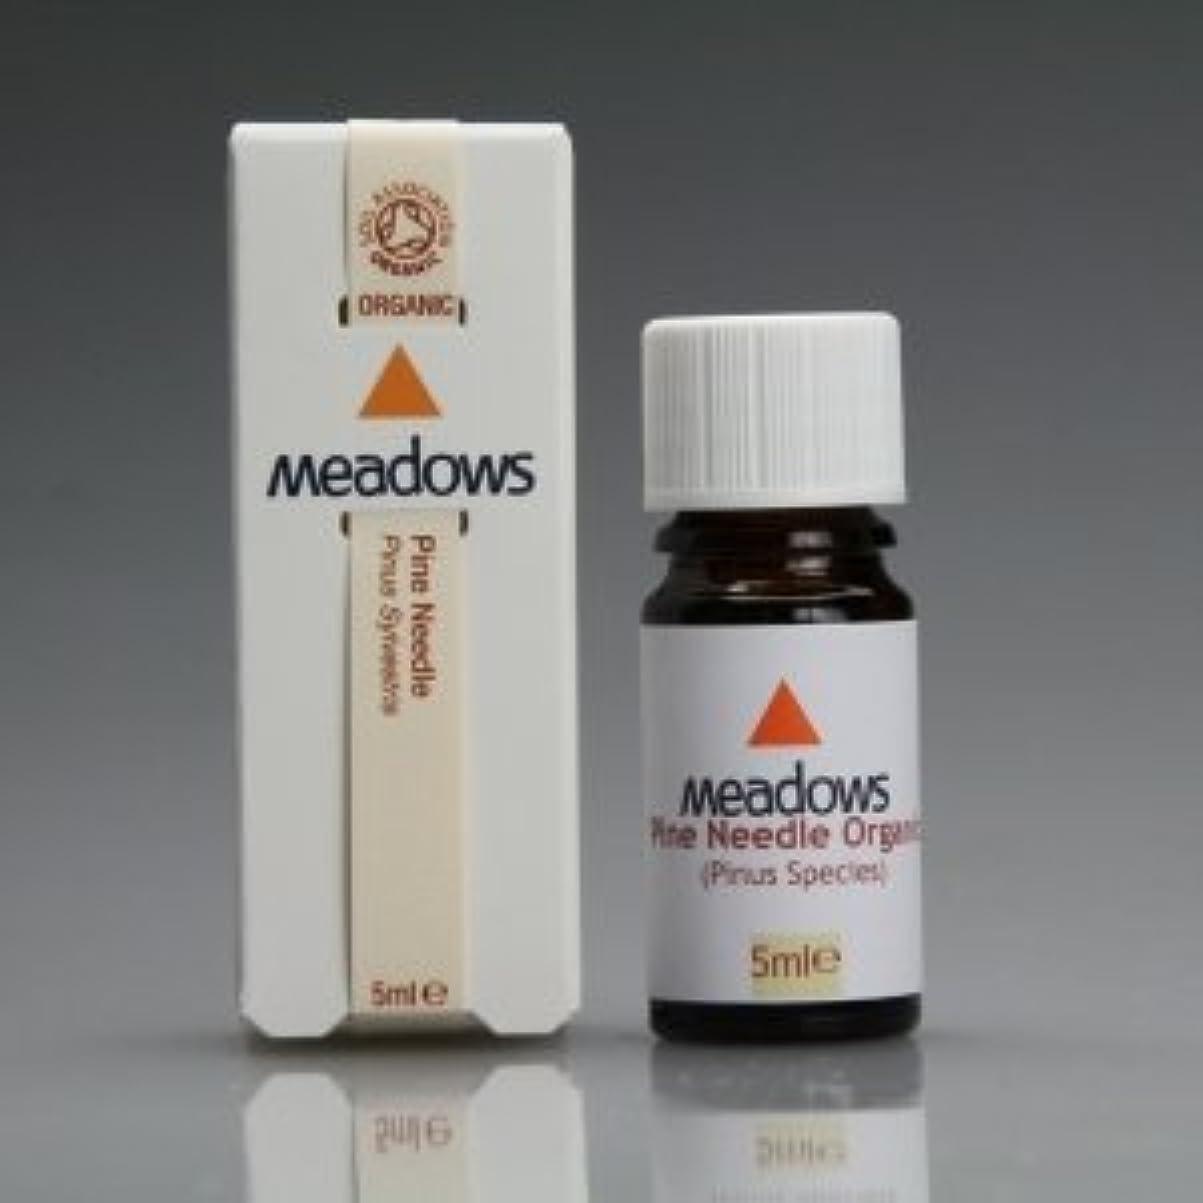 耐える市場扱いやすいメドウズ エッセンシャルオイル パインニードル(ヨーロッパ赤松) 5ml